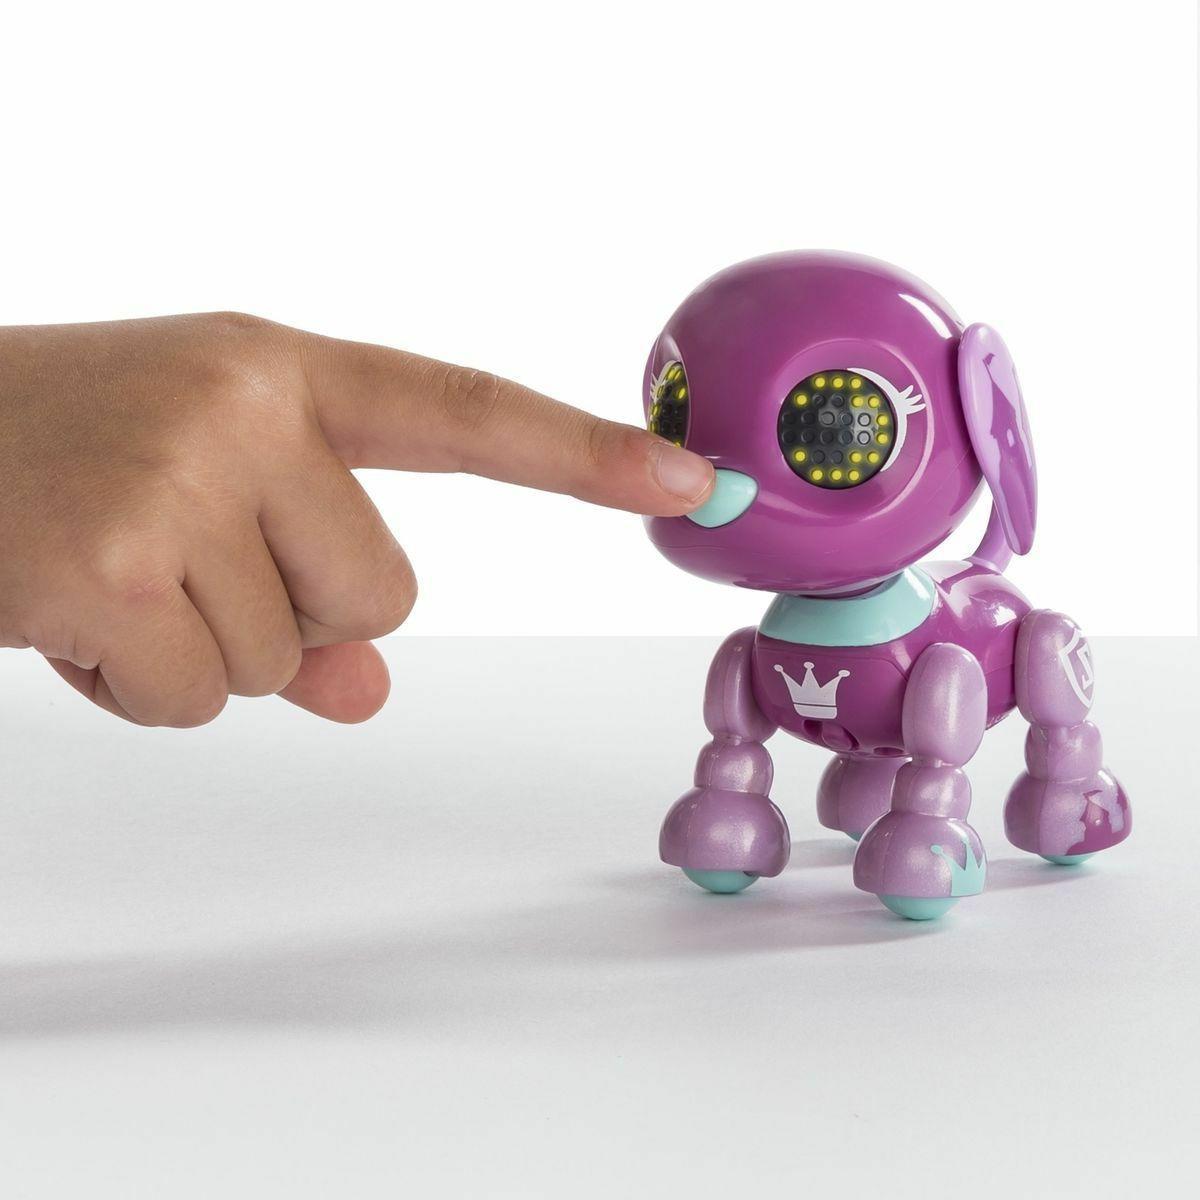 Toys For Girls Children Robot Dog 10 Age